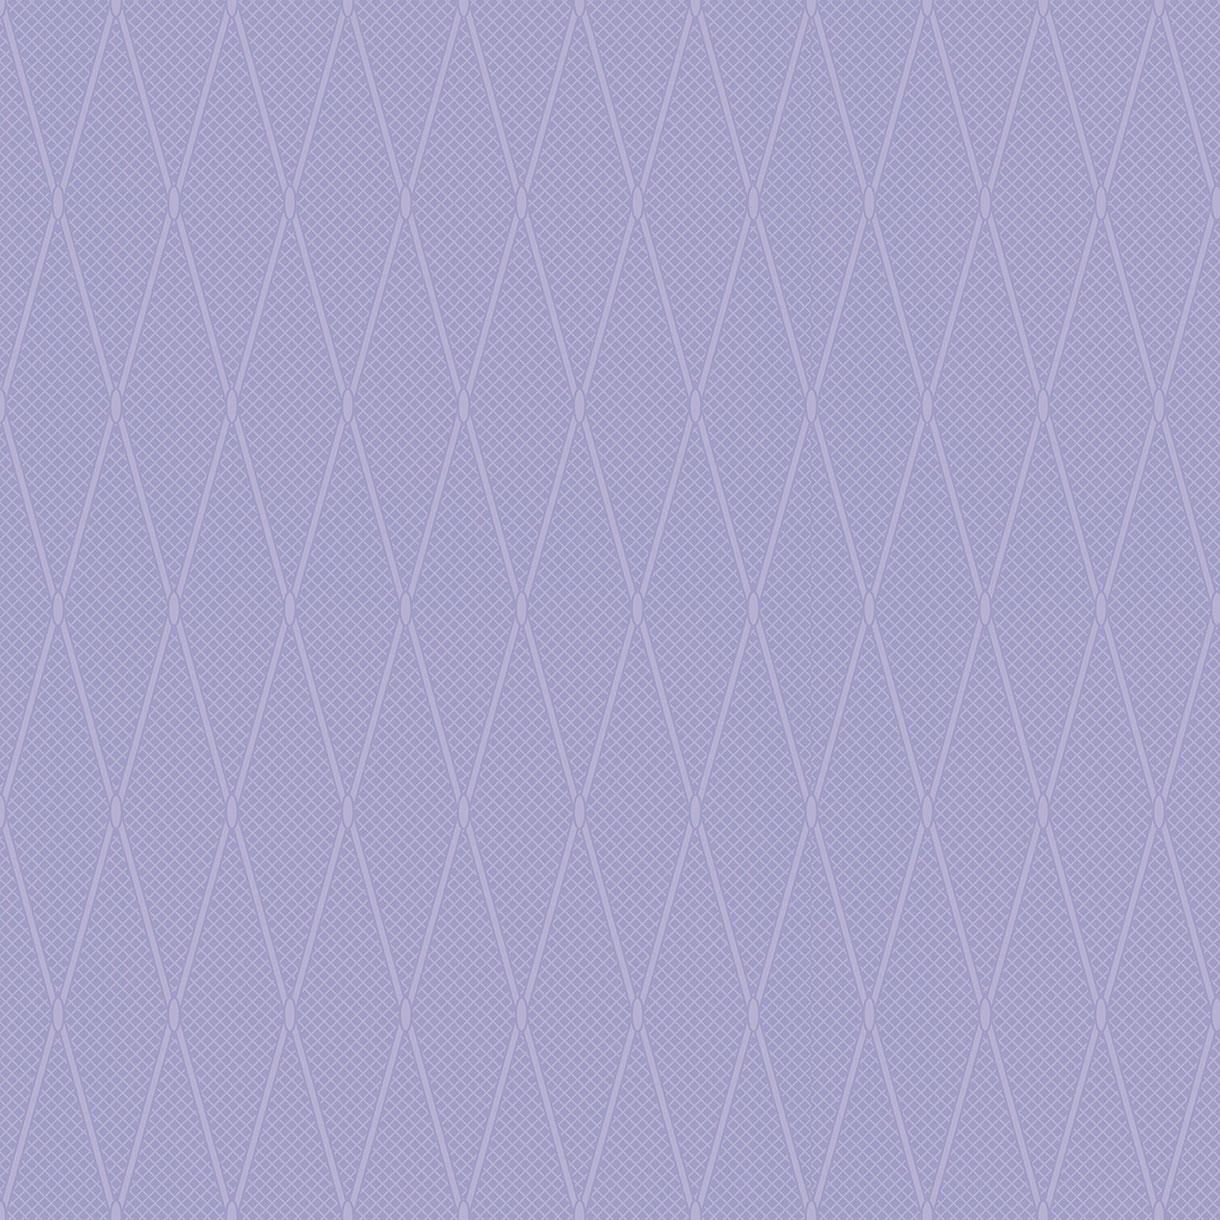 Напольная плитка Ceramique Imperiale Сетка кобальтовая сиреневый (01-10-1-16-01-57-686) 38,5х38,5 (0,888) 686 2015 10 wkz 36015